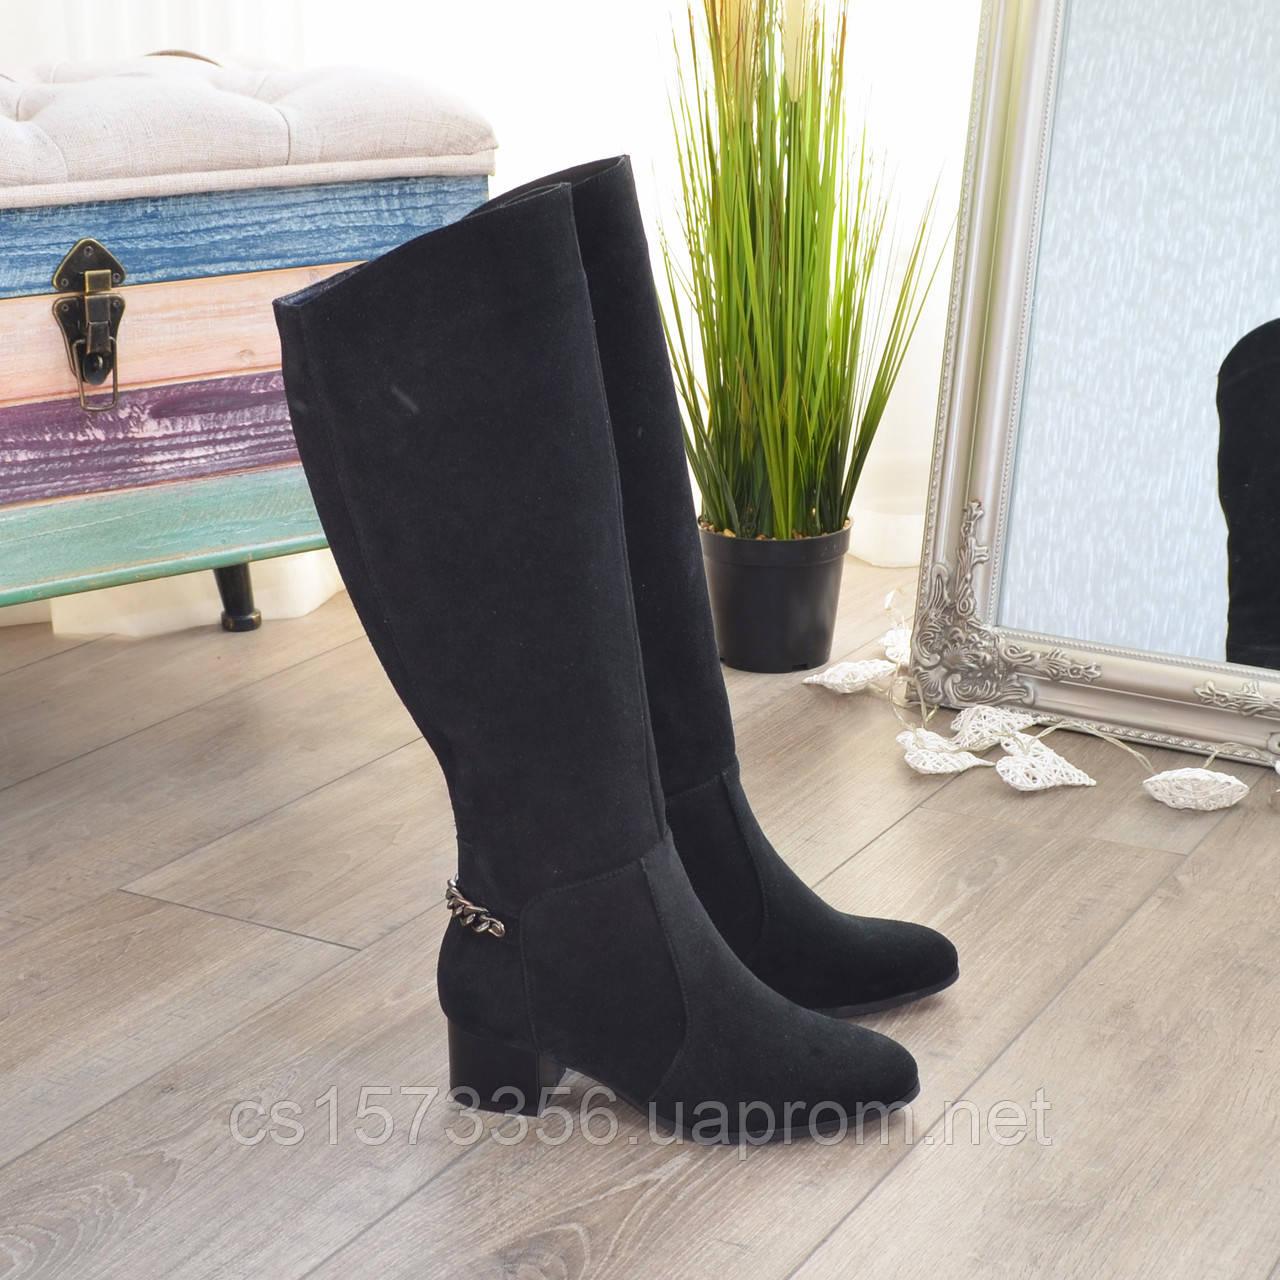 Сапоги черные женские замшевые на устойчивом каблуке, декорированы цепью